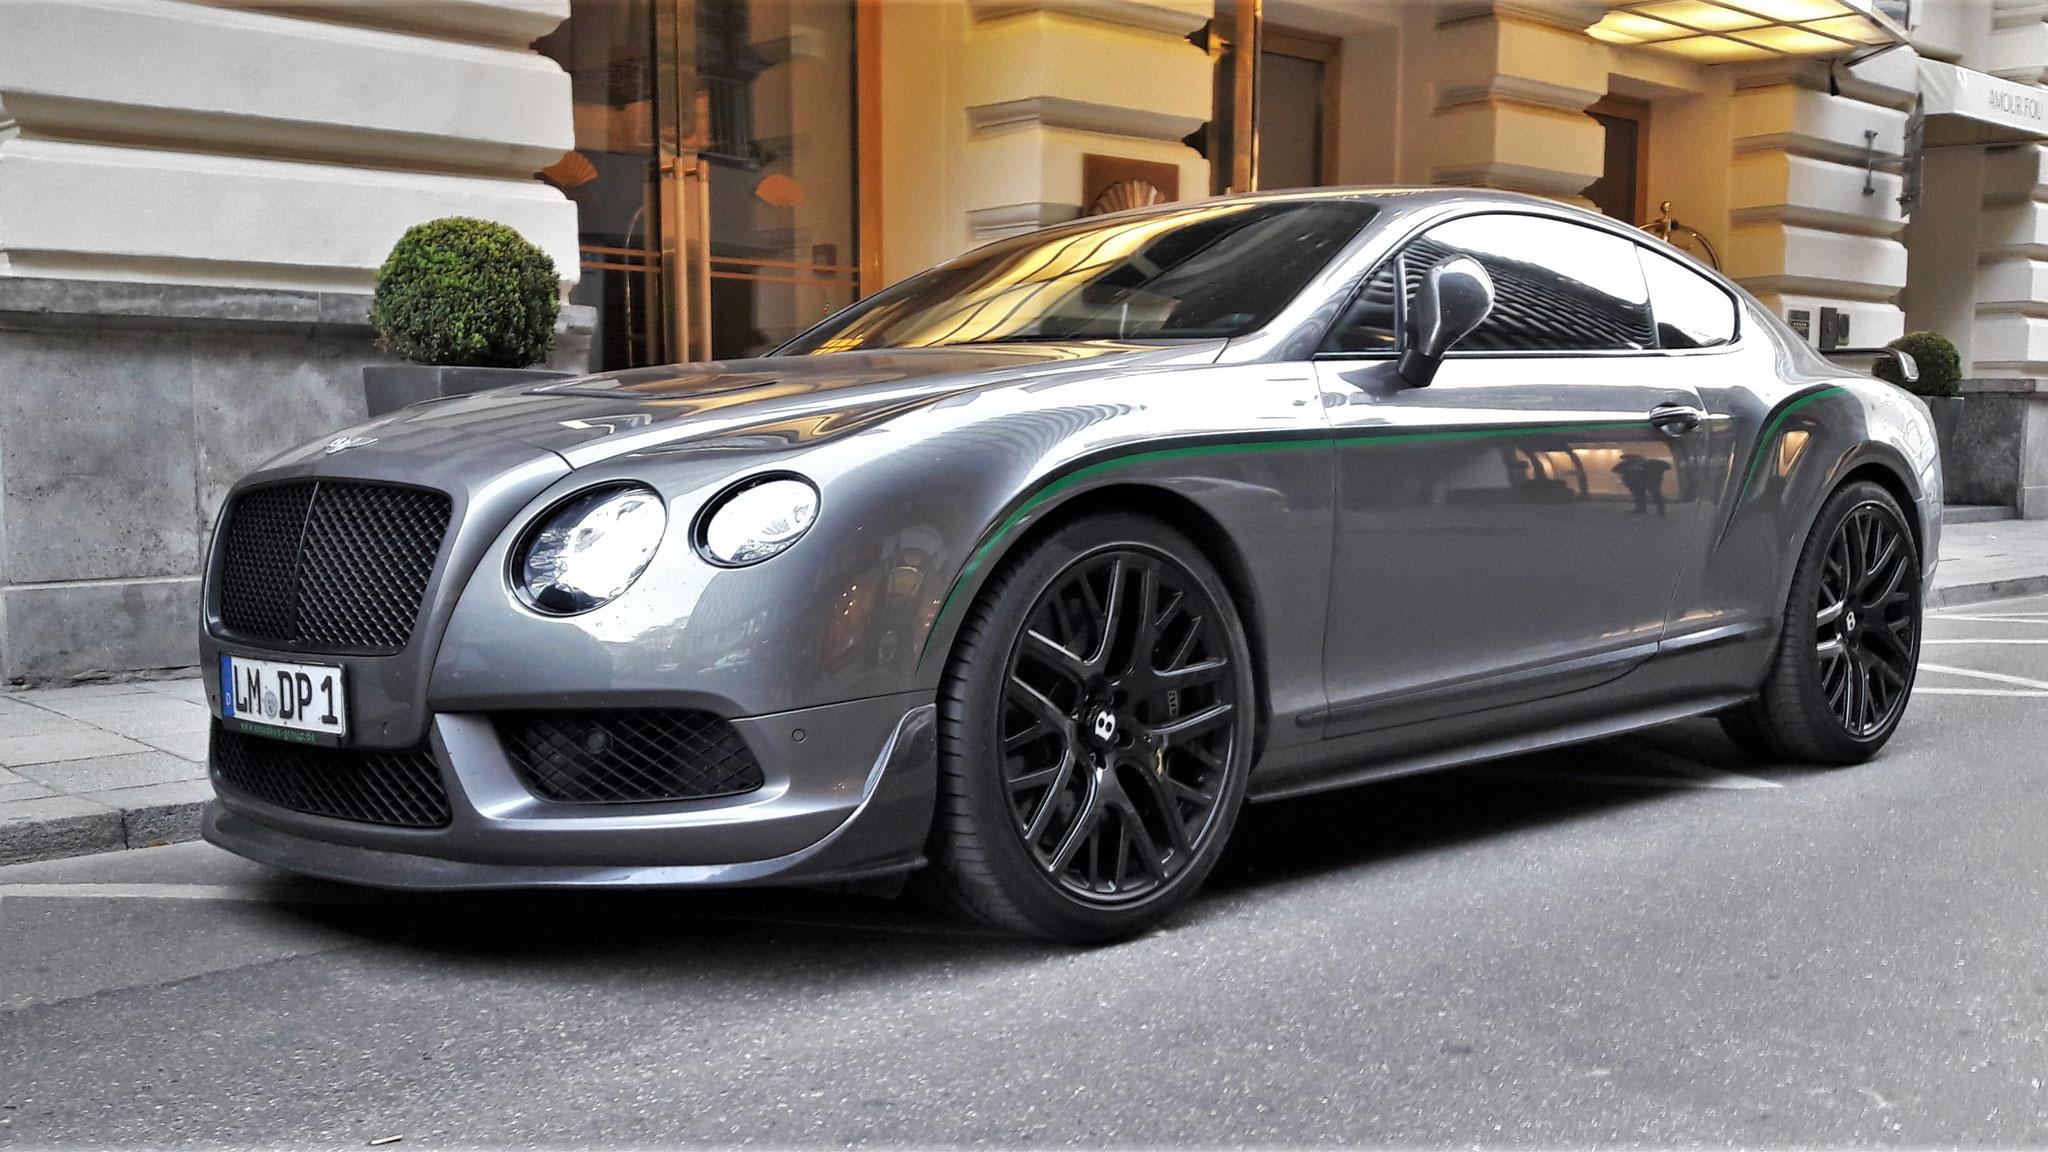 Bentley Continental GT3 R - LM-DP-1